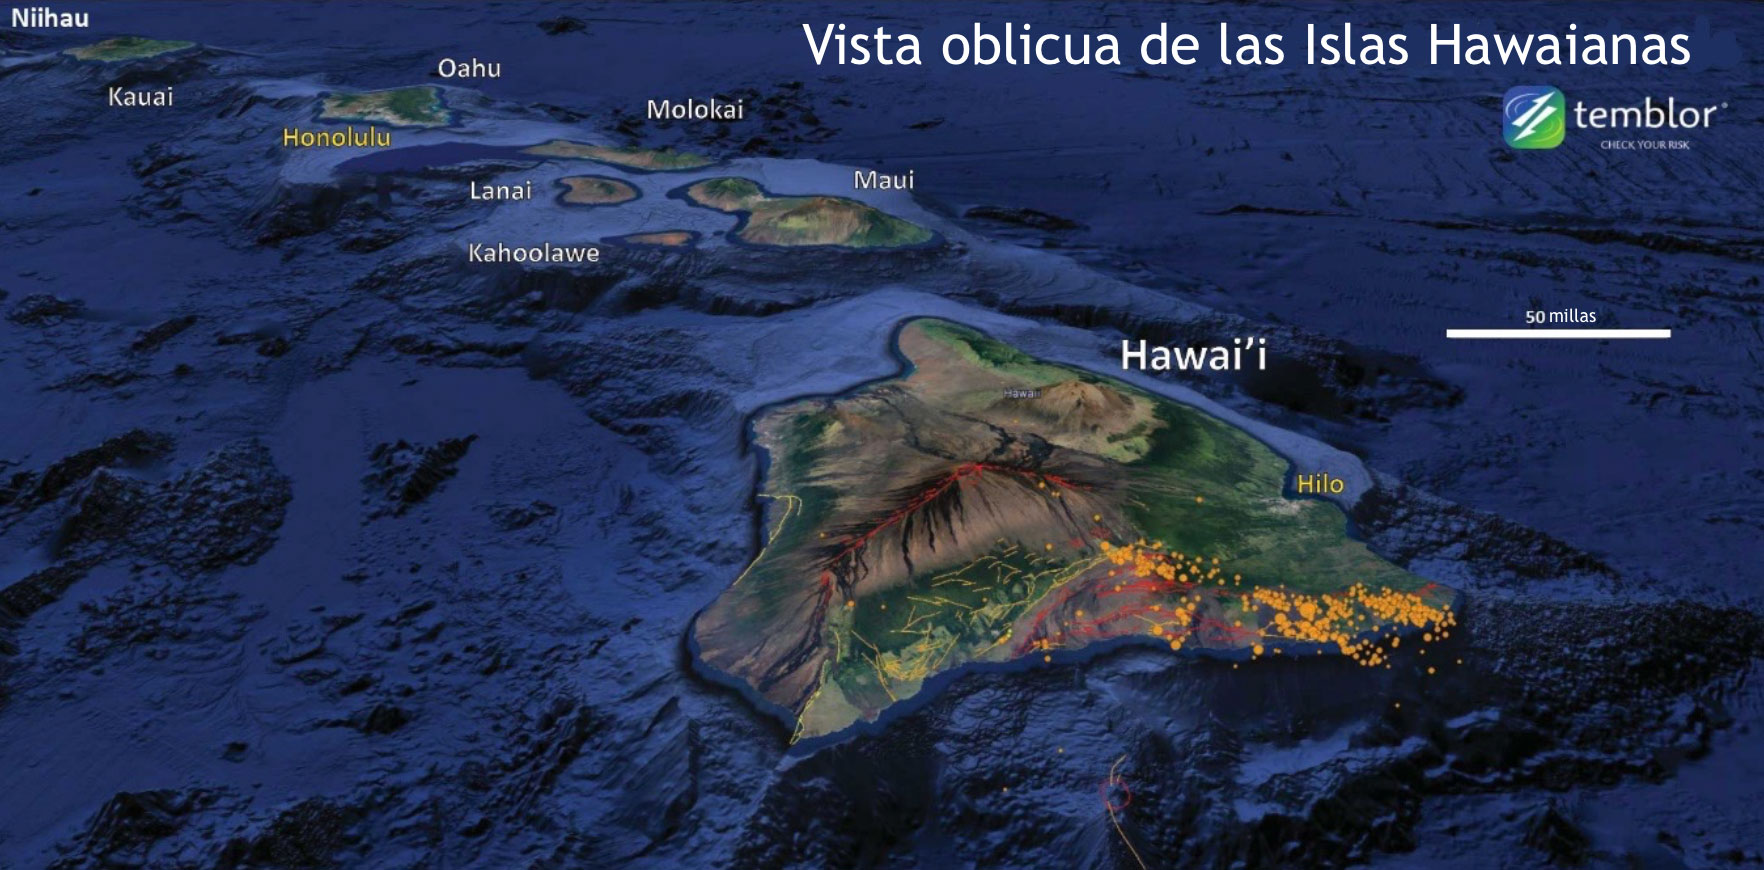 Hawái tal como se ve en Google Earth, exageración vertical 3X. Una semana de terremotos a partir del USGS (puntos naranjas).